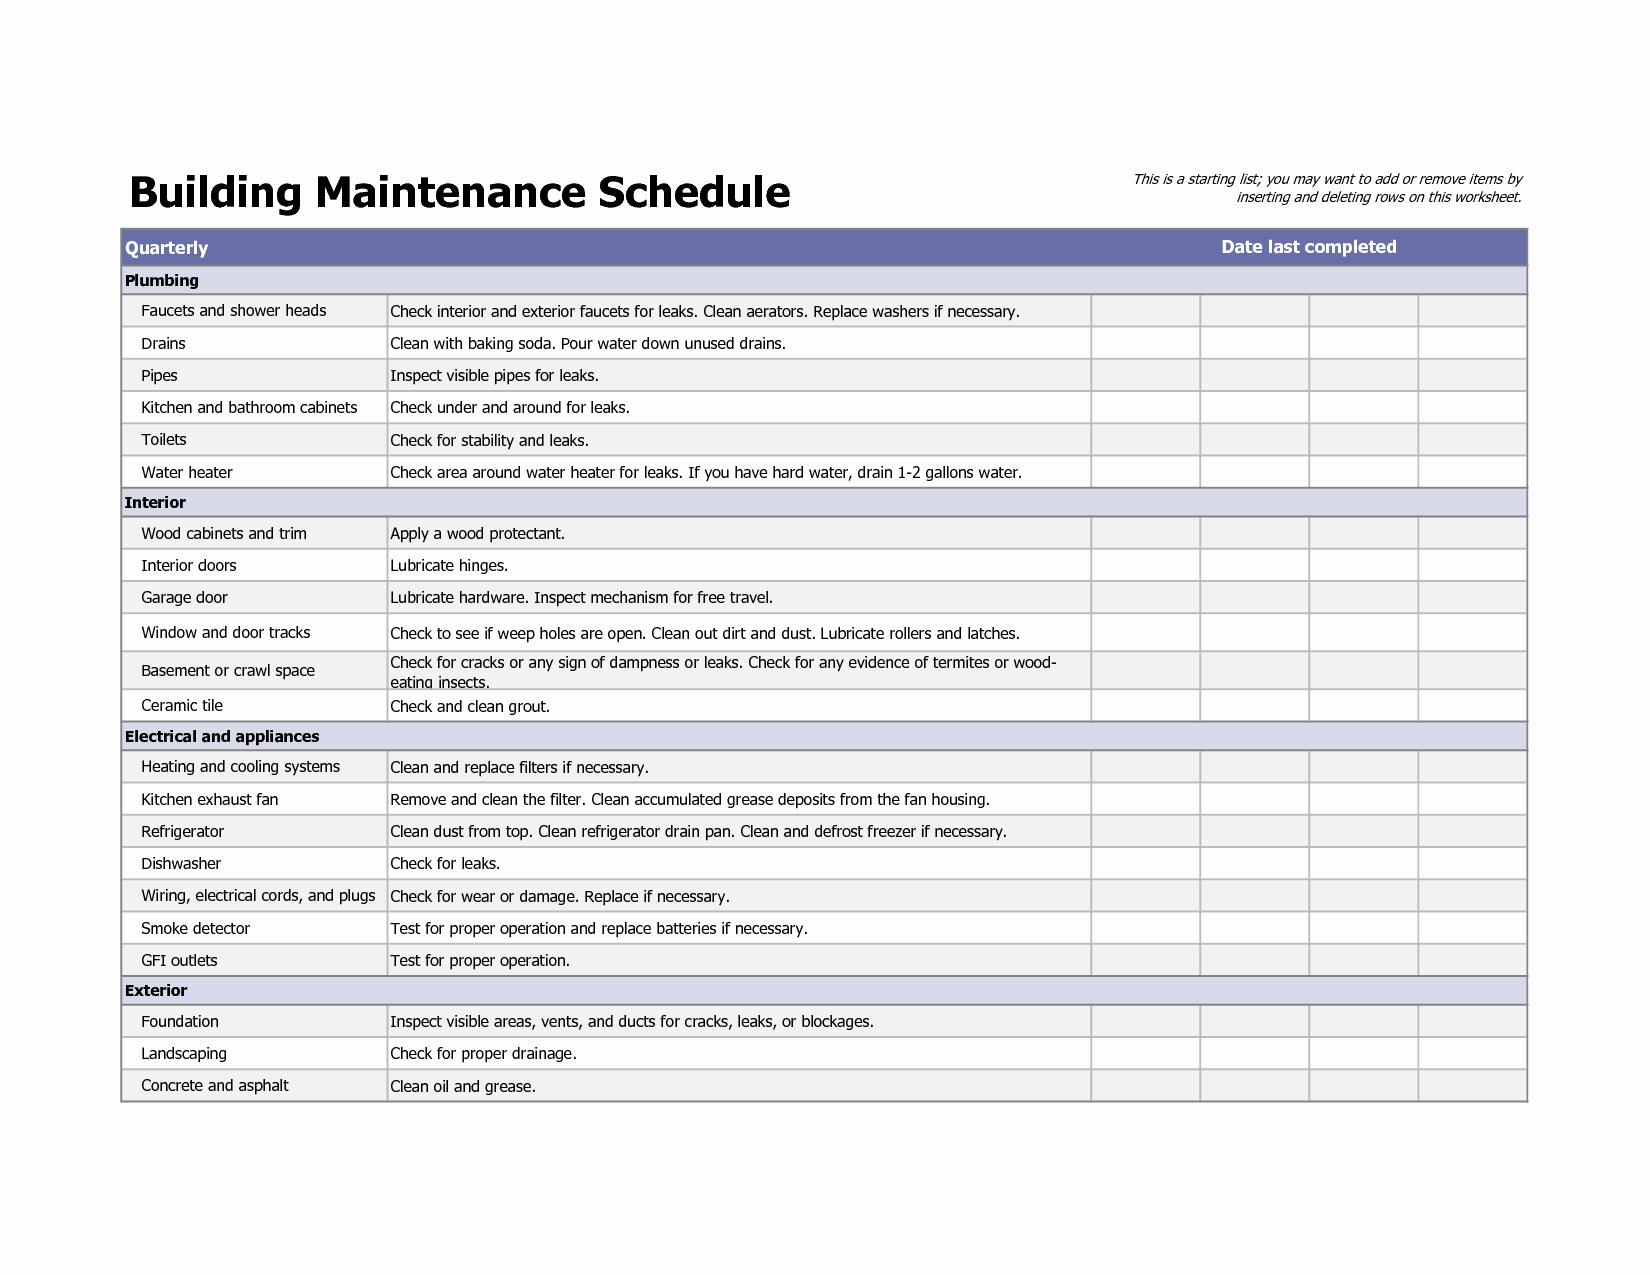 Car Maintenance Schedule Template Unique Vehicle Maintenance Schedule Template Excel